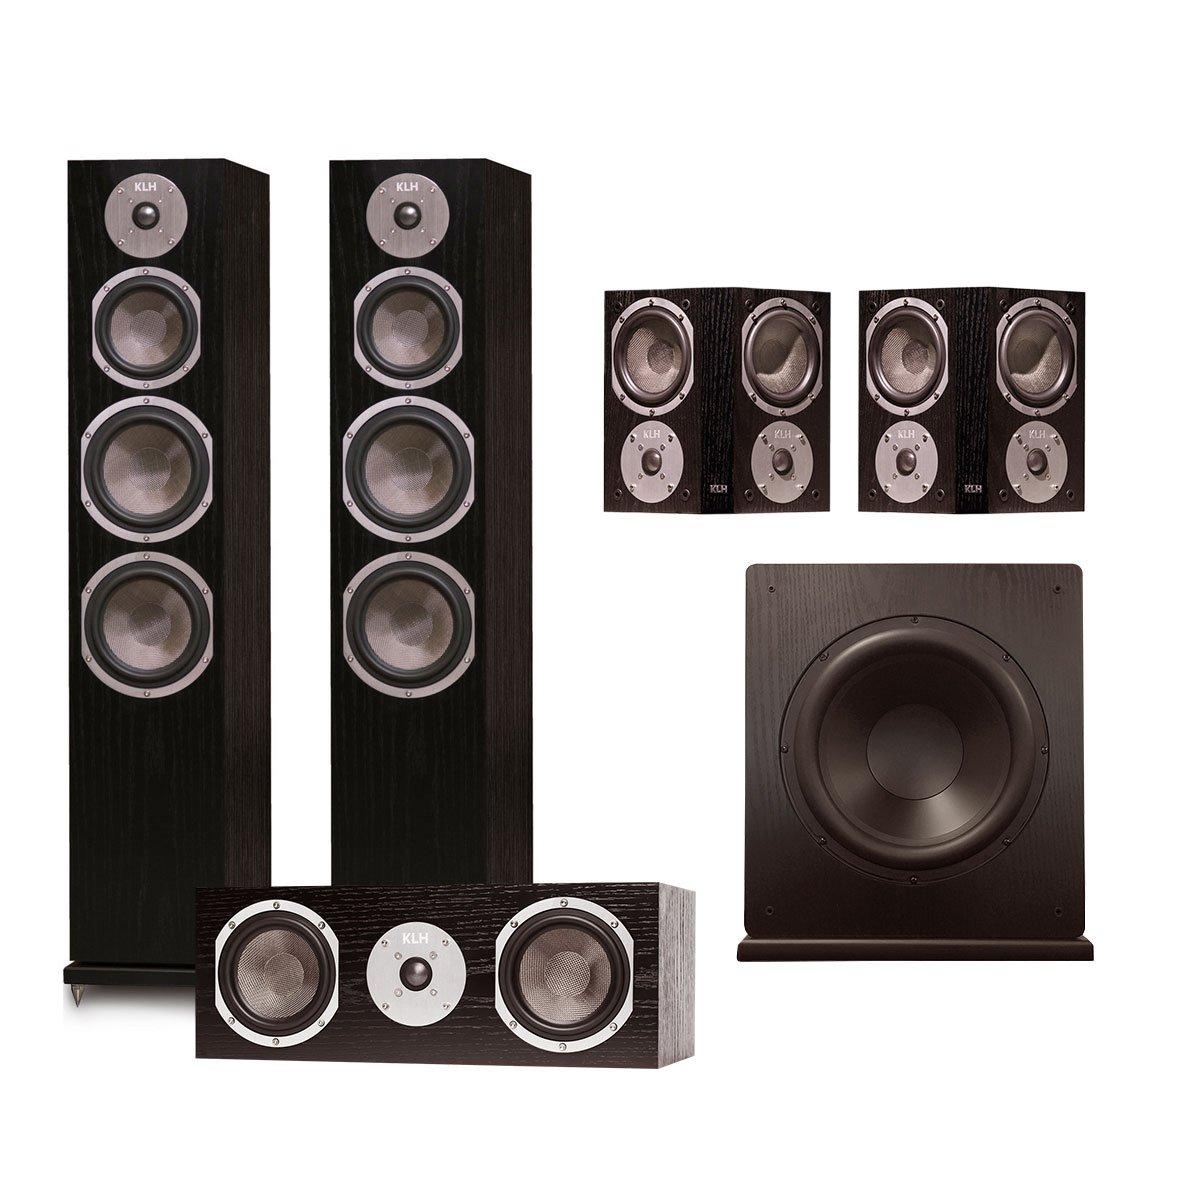 KLH Kendall 5.1 Speaker System (Black Oak)